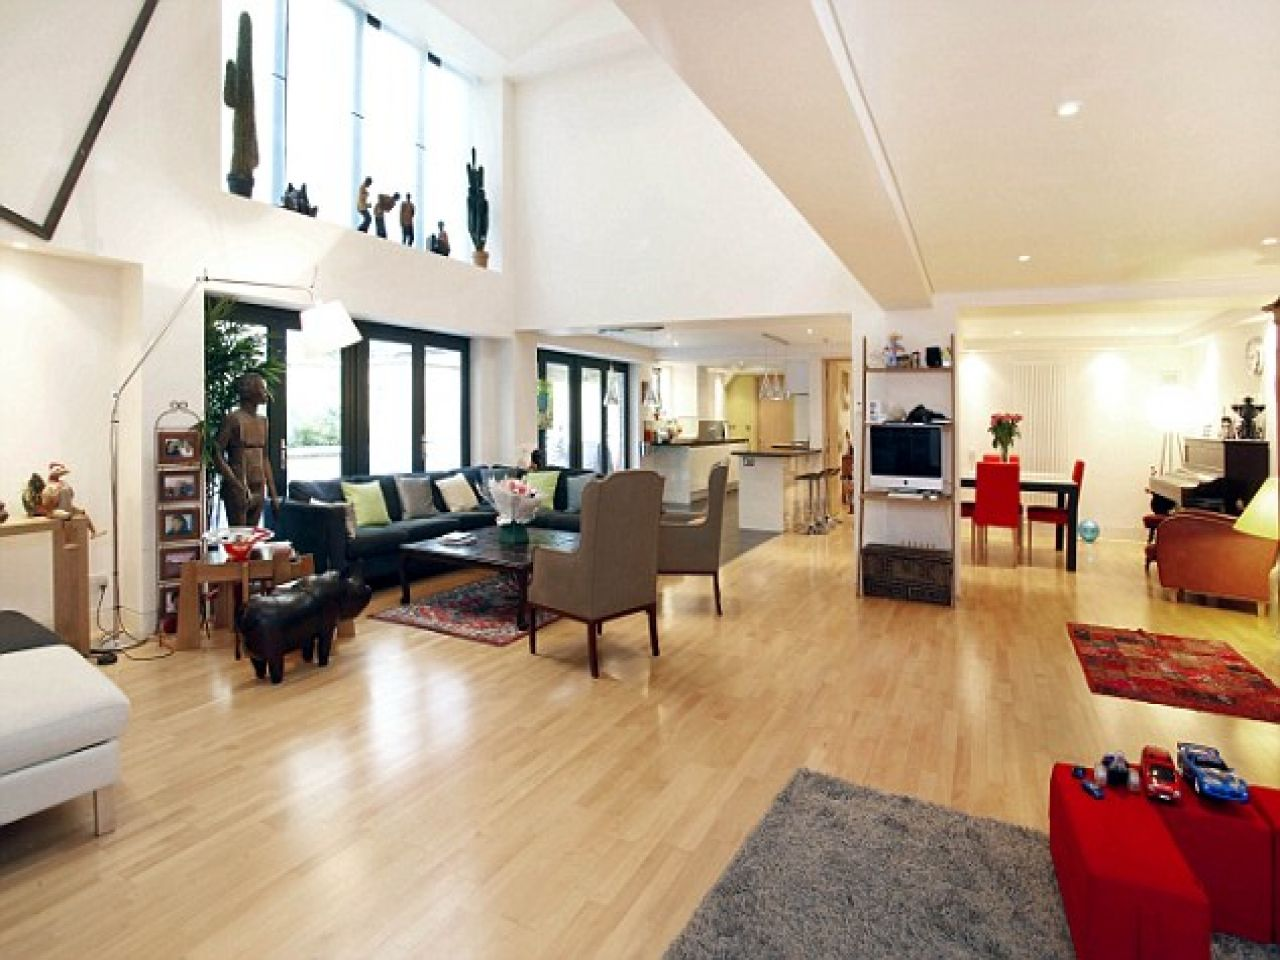 Küchendesign grün küche und wohnzimmer küche design layout Öffnen konzept küche